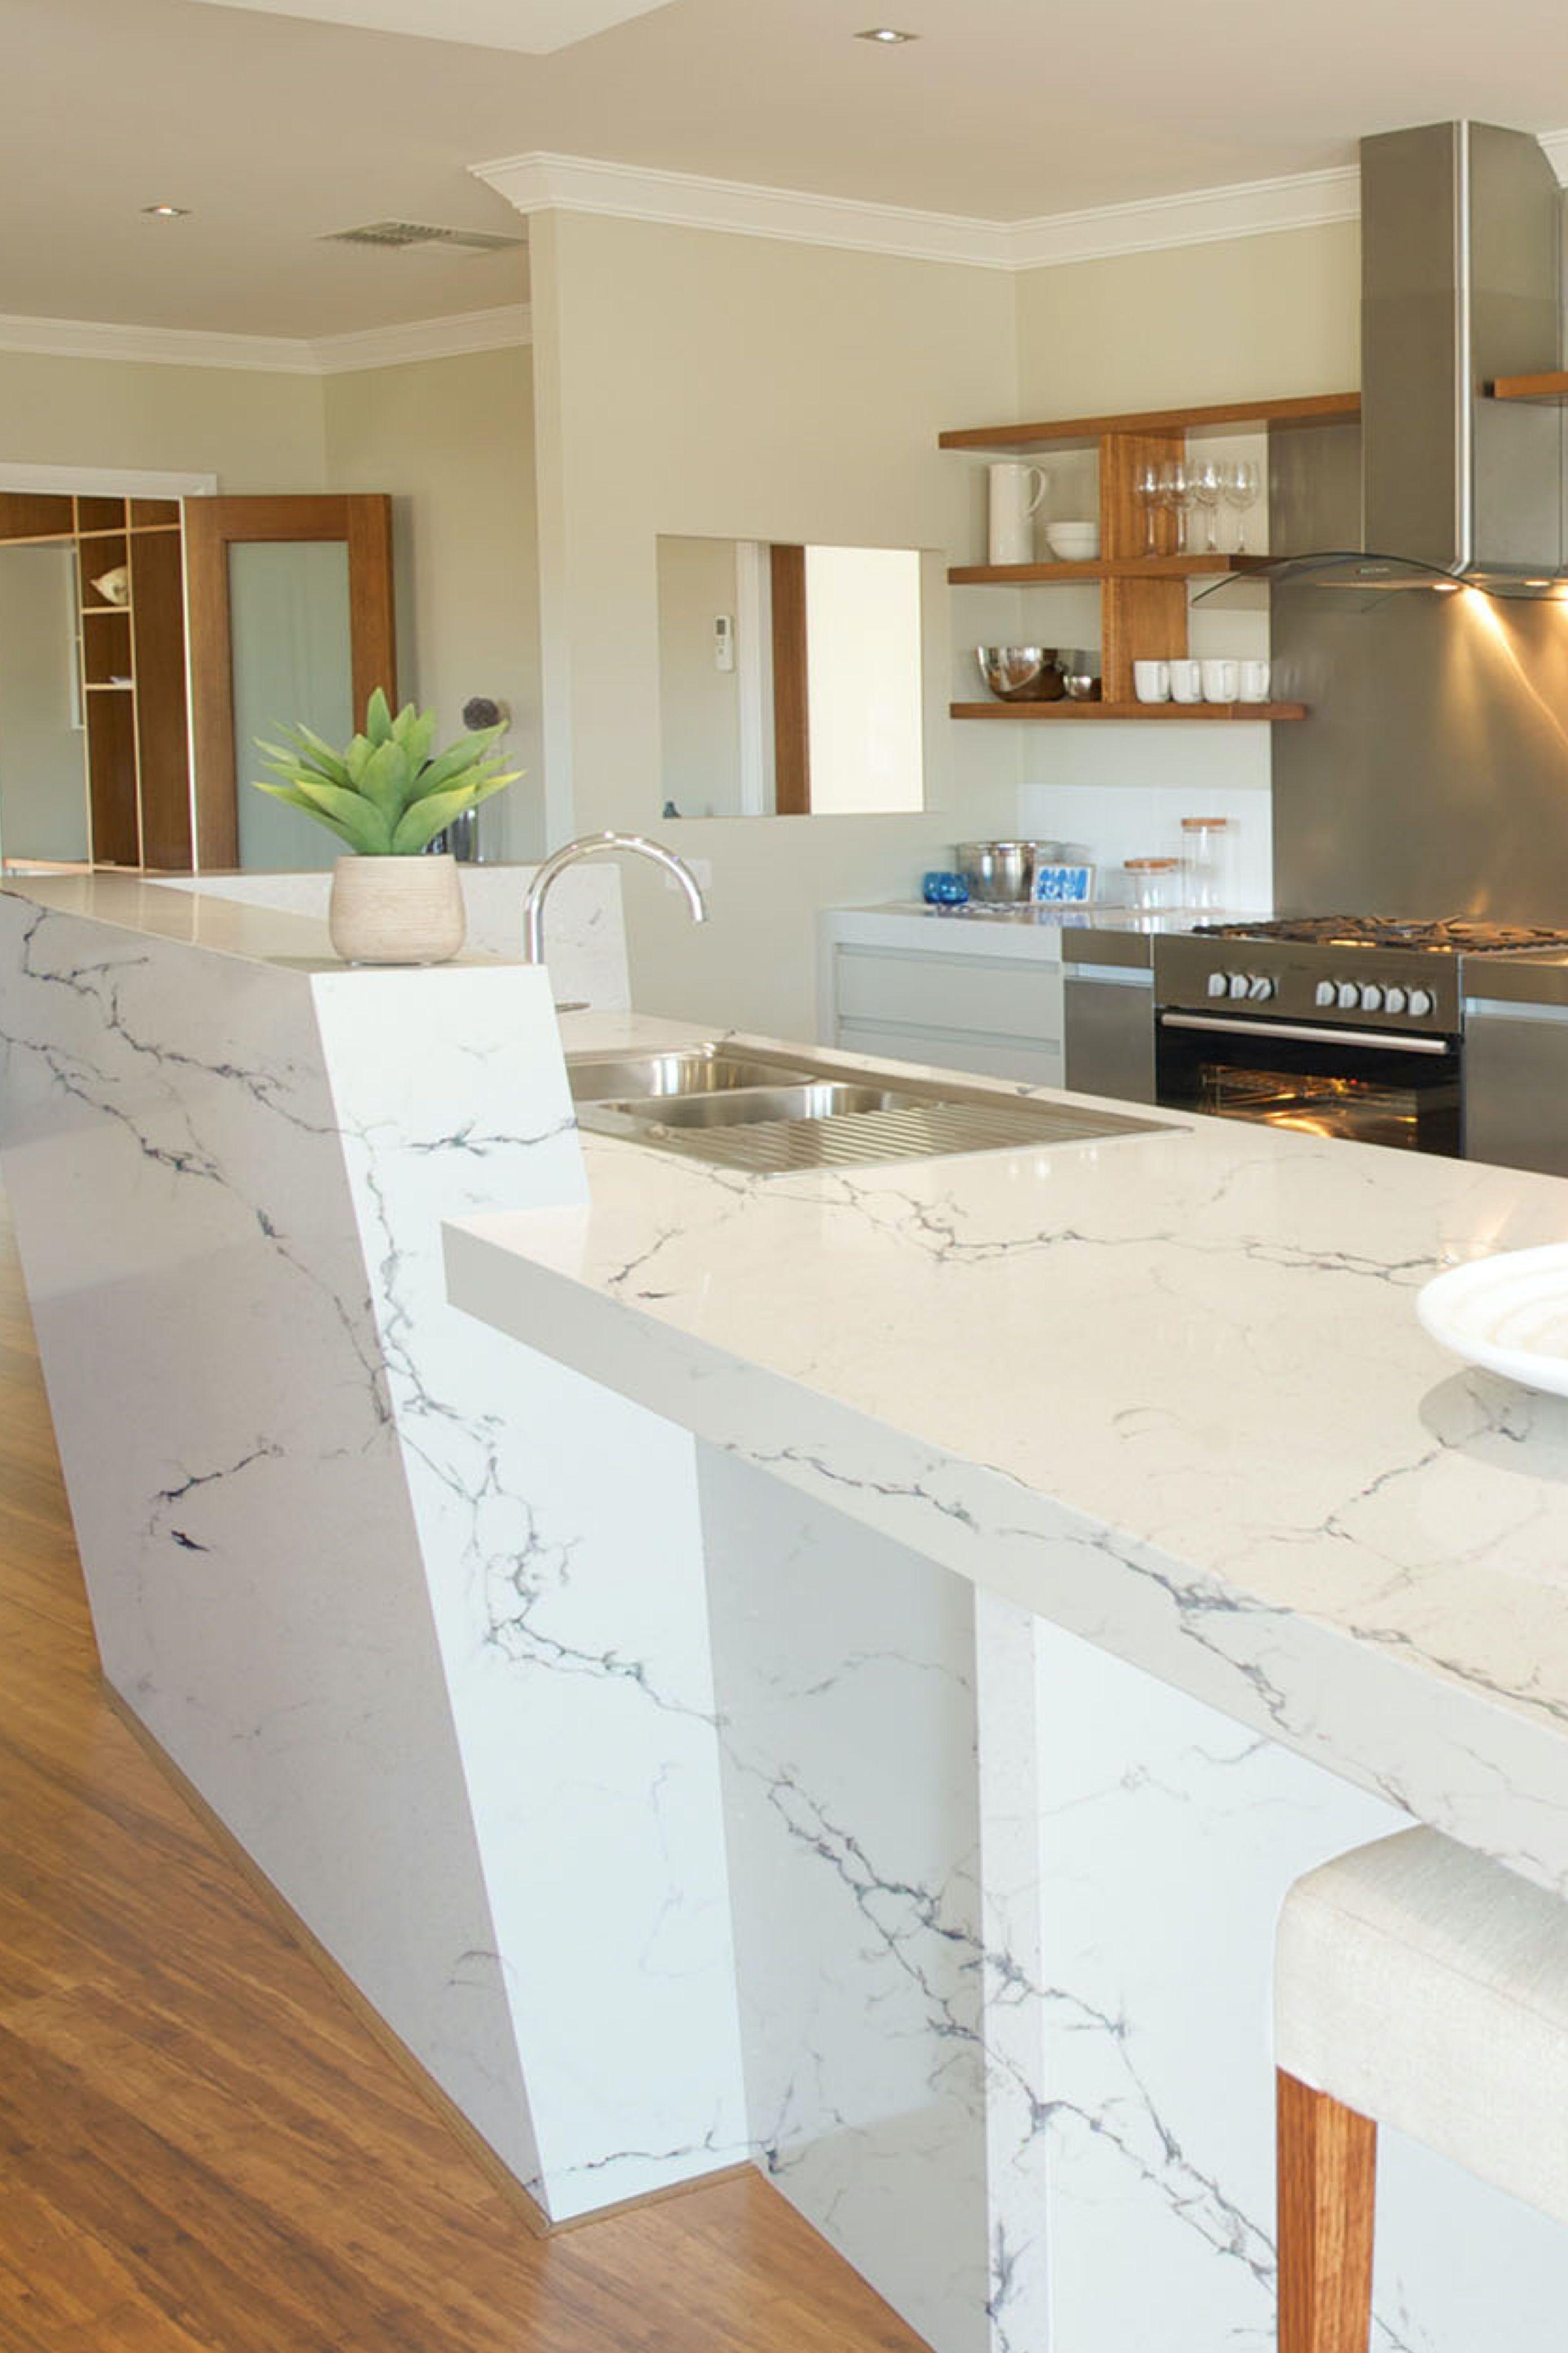 Bianco Napoli Pompeii Quartz Countertops Cost Reviews Kitchen Island Countertop Quartz Kitchen Countertops Quartz Countertops